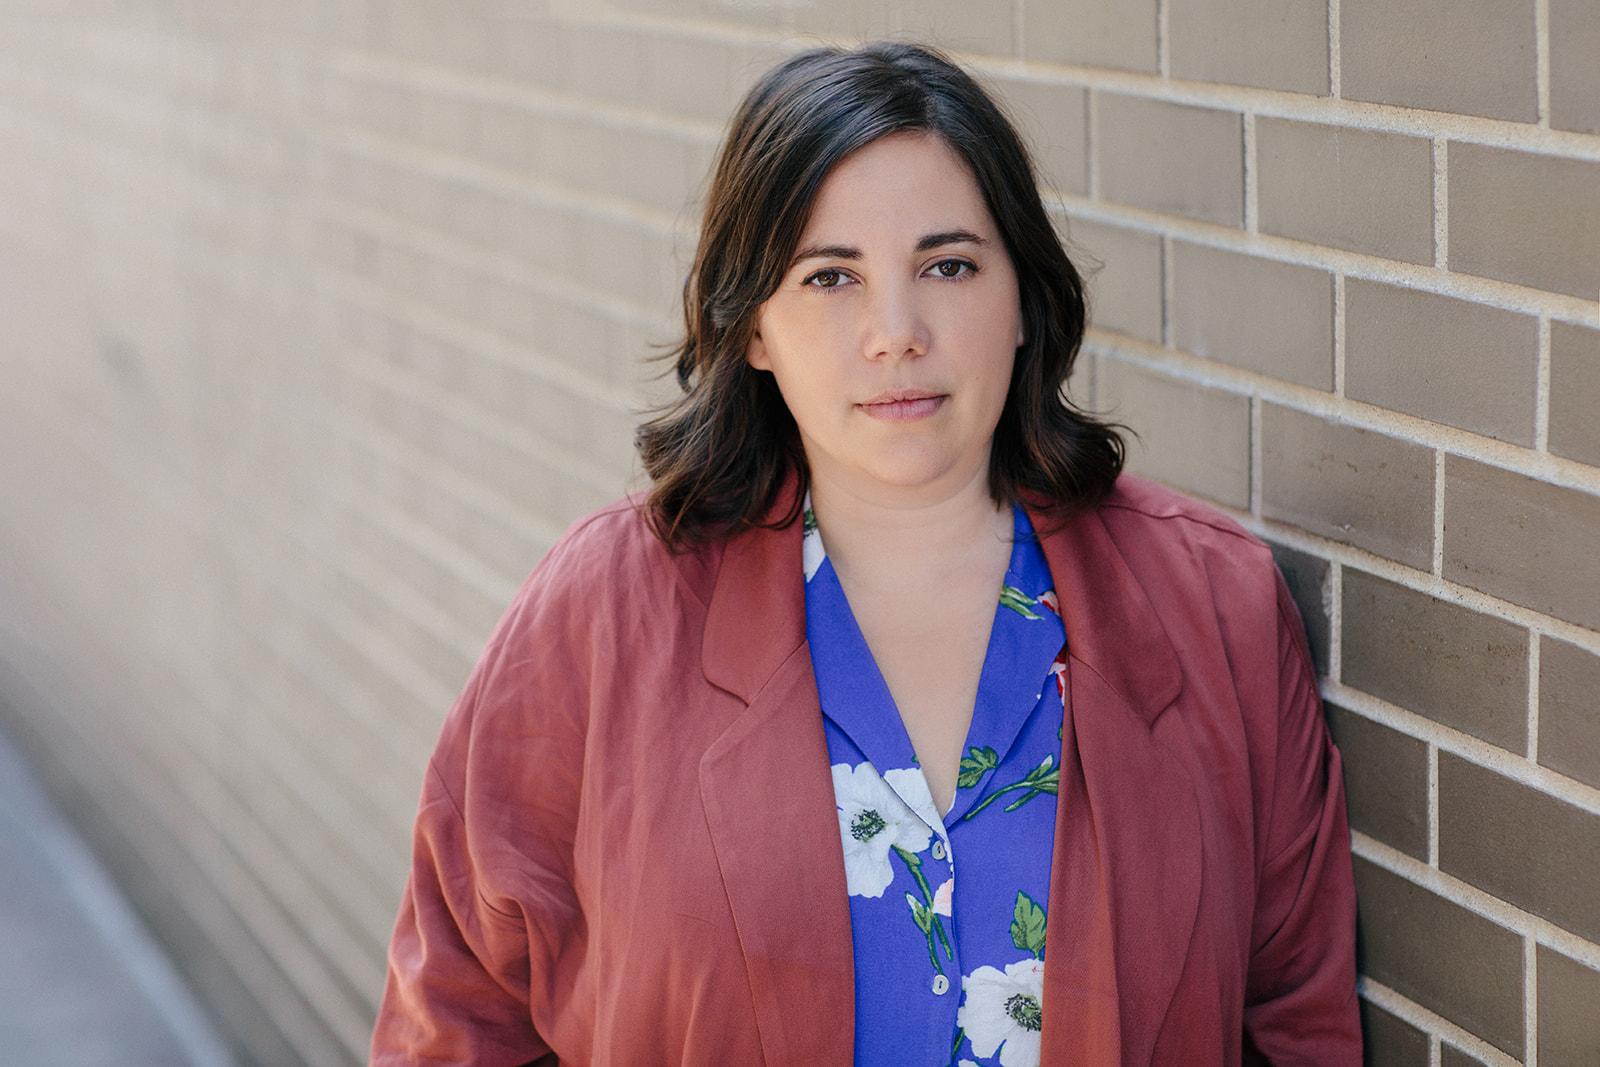 Emma Copley Eisenberg